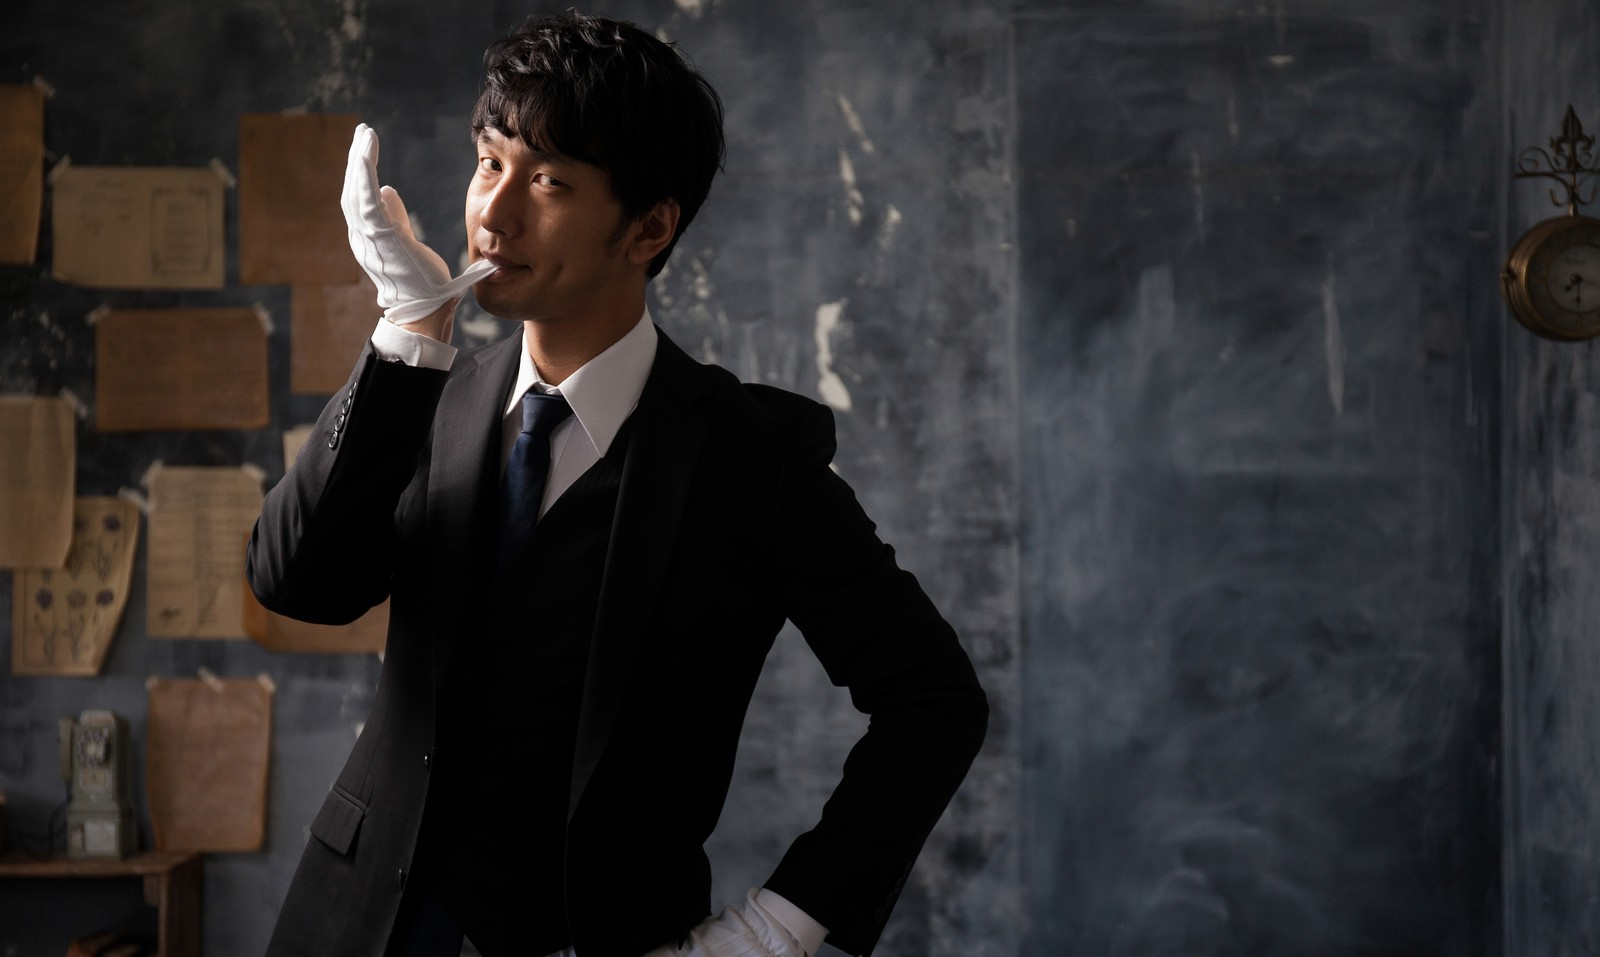 「執事が雇えず悔しくて手袋を噛みしめる庶民」の写真[モデル:大川竜弥]